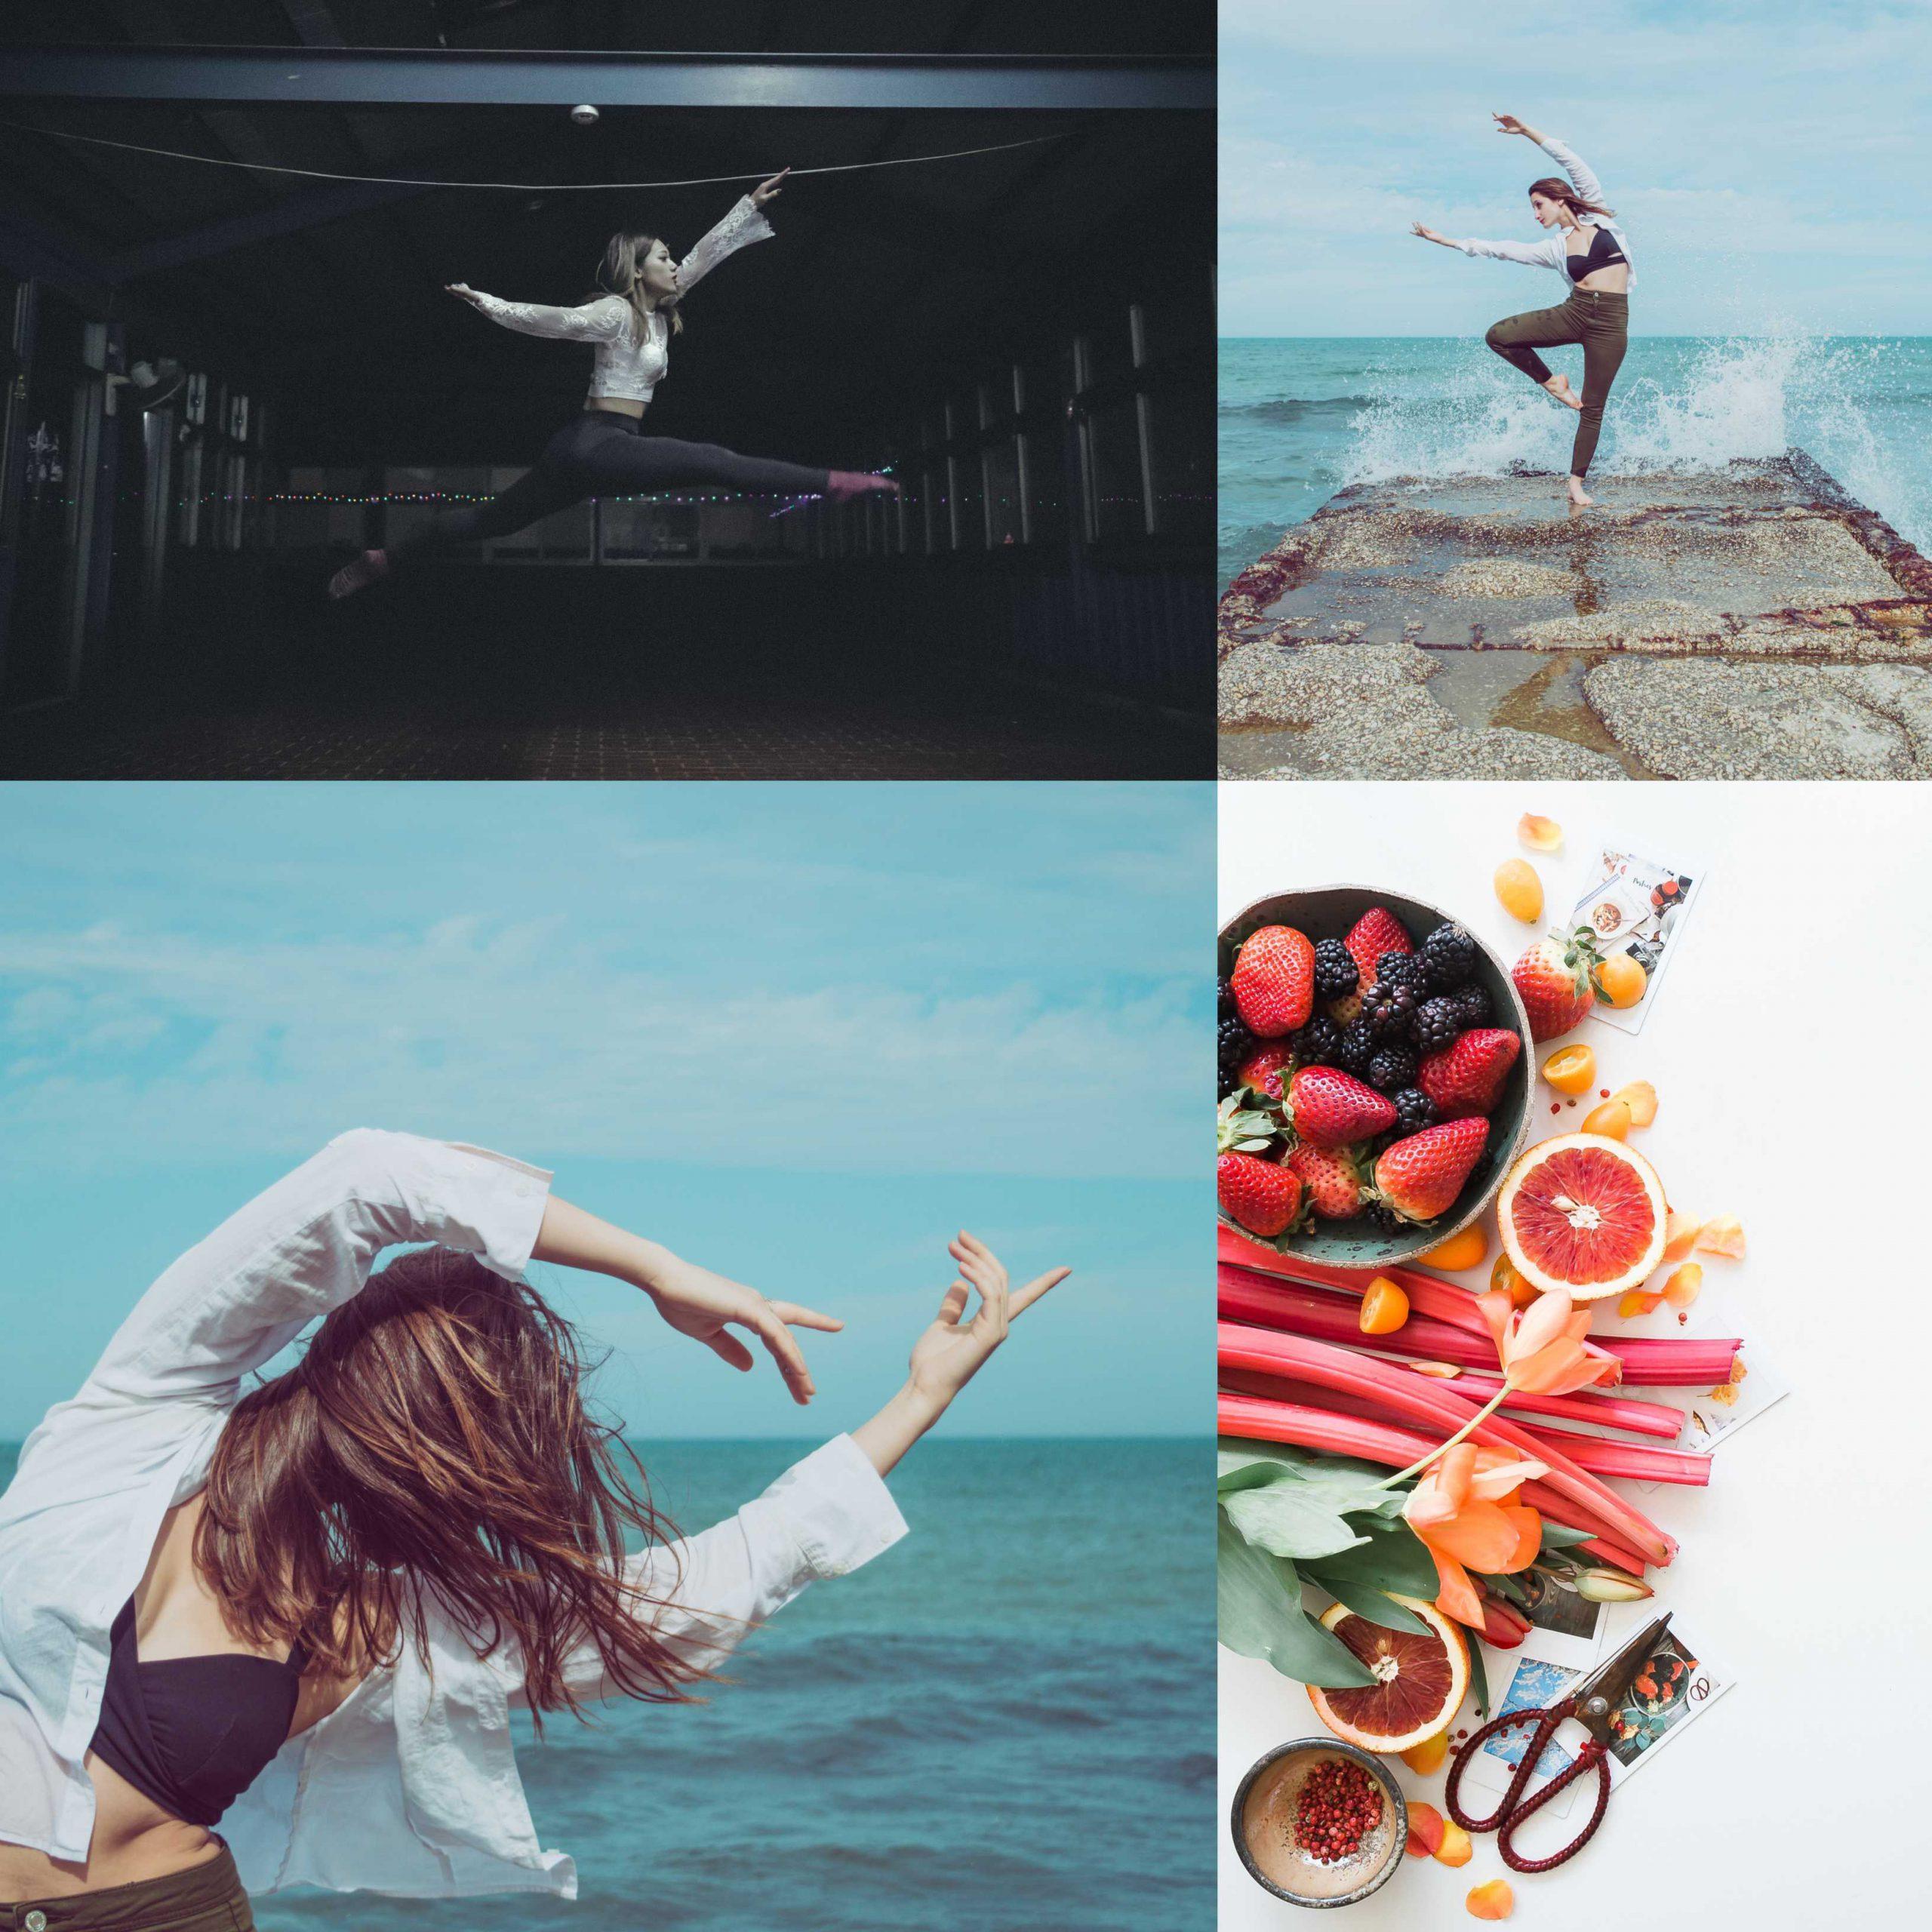 La formula per vivere con gioia (cibo sano + danza)